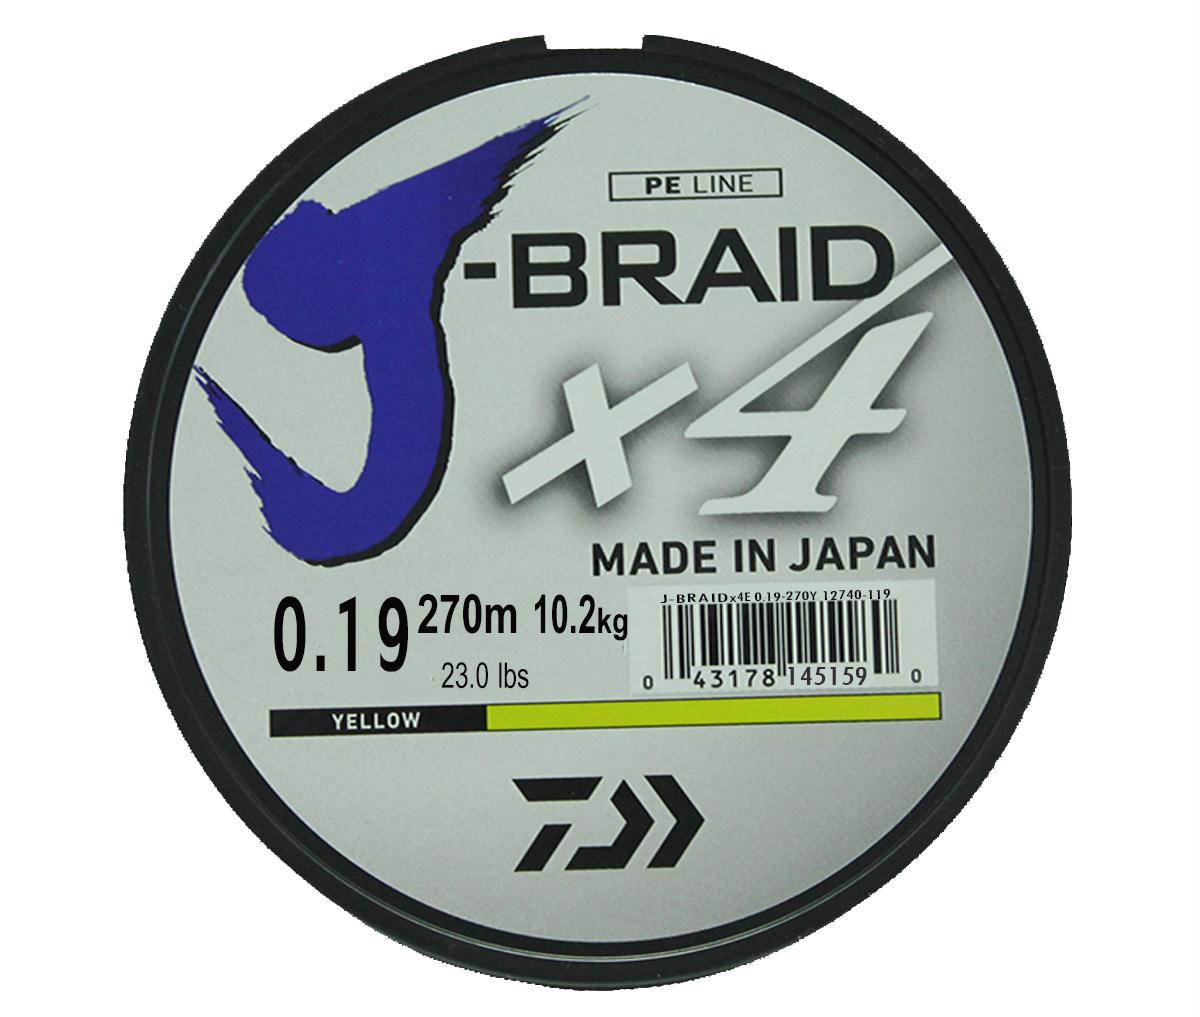 Шнур плетеный Daiwa J-Braid X4, цвет: флуоресцентный желтый, 270 м. 0,19 мм61150Новый 4х жильный шнур J-Braid, DAIWA - шнур высокого класса с удивительным соотношением цены и качества. Качество плетения полностьюсоответствует японским стандартам и удовлетворяет всем требованиям. Представленные диаметры позволяют использовать шнур для всех техникловли, начиная от ultra- light ловли окуня, до морской ловли палтуса, трески и т.д